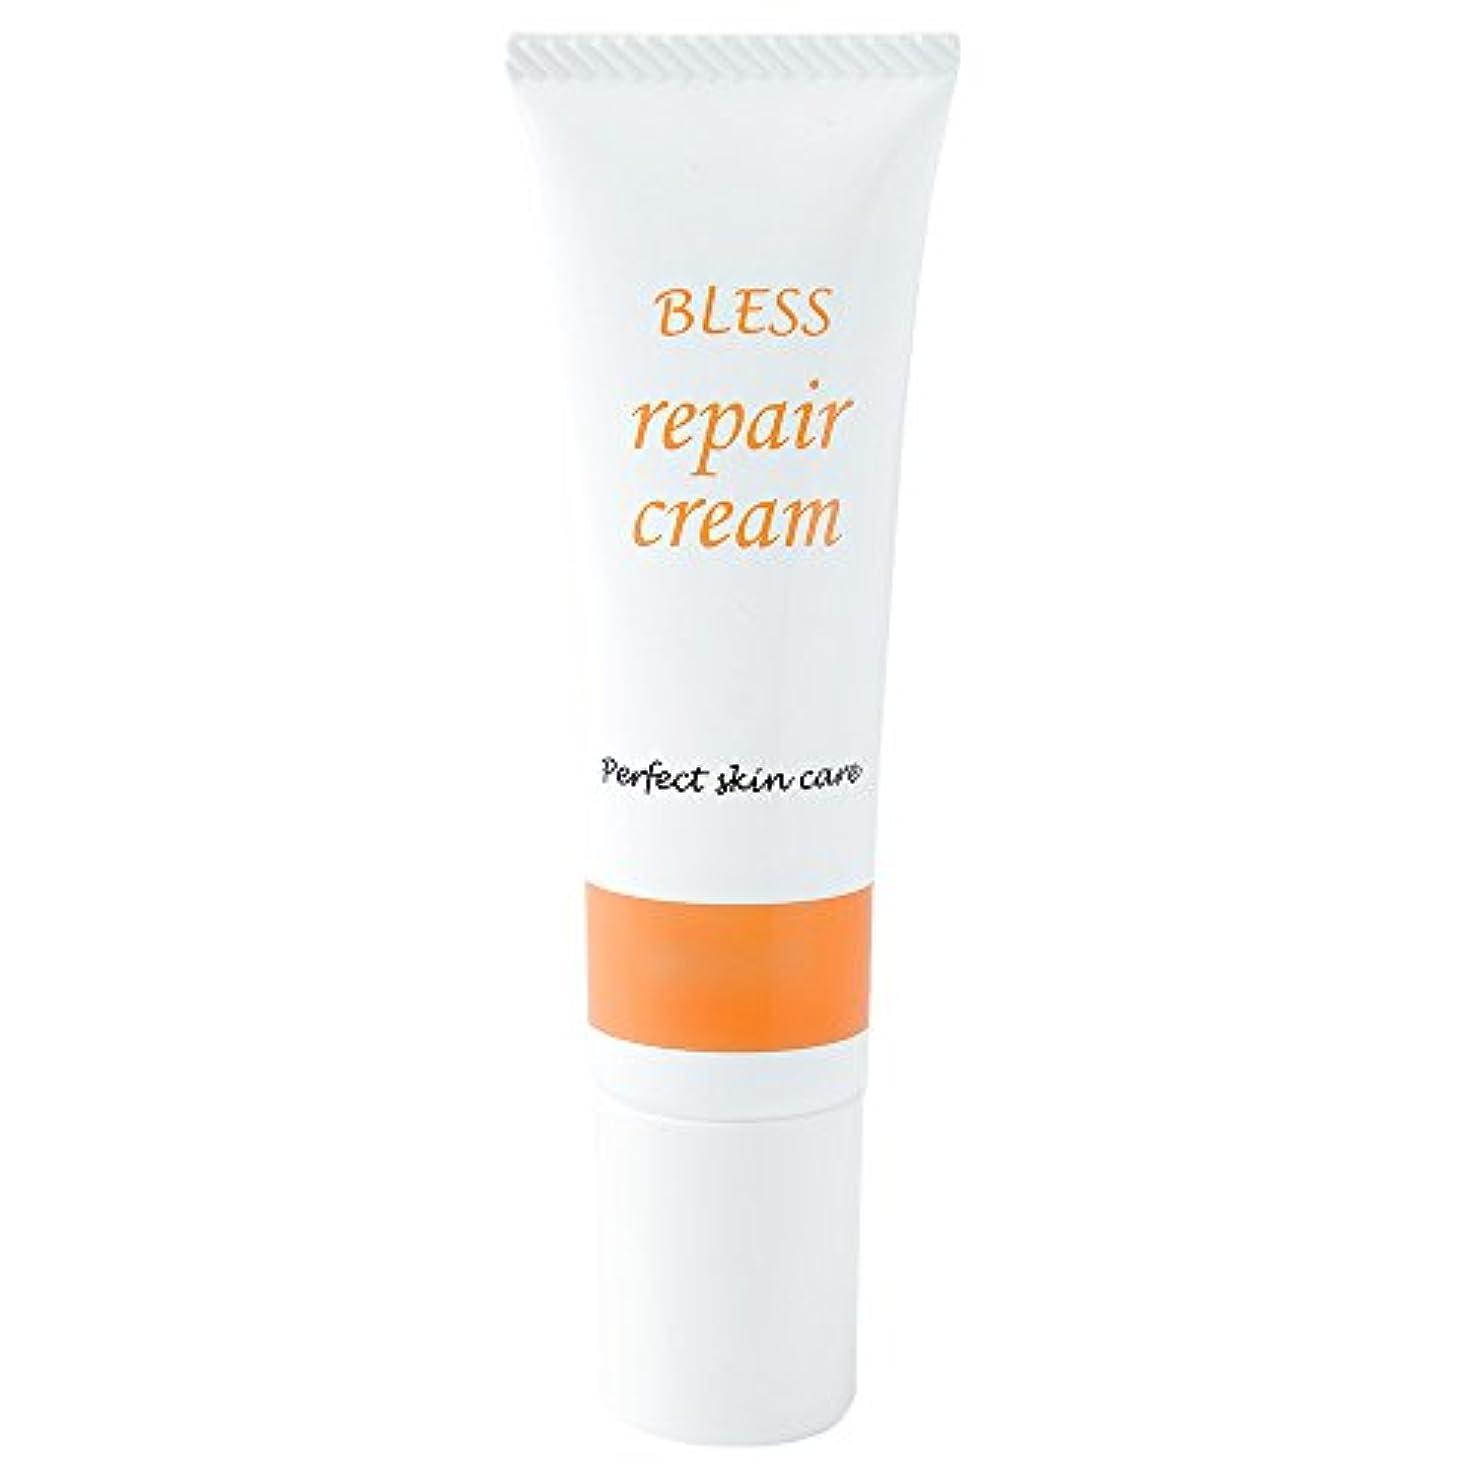 不安くましてはいけない【BLESS】 しわ 対策用 エイジング リペアクリーム 30g 無添加 抗シワ評価試験済み製品 日本製 美容液